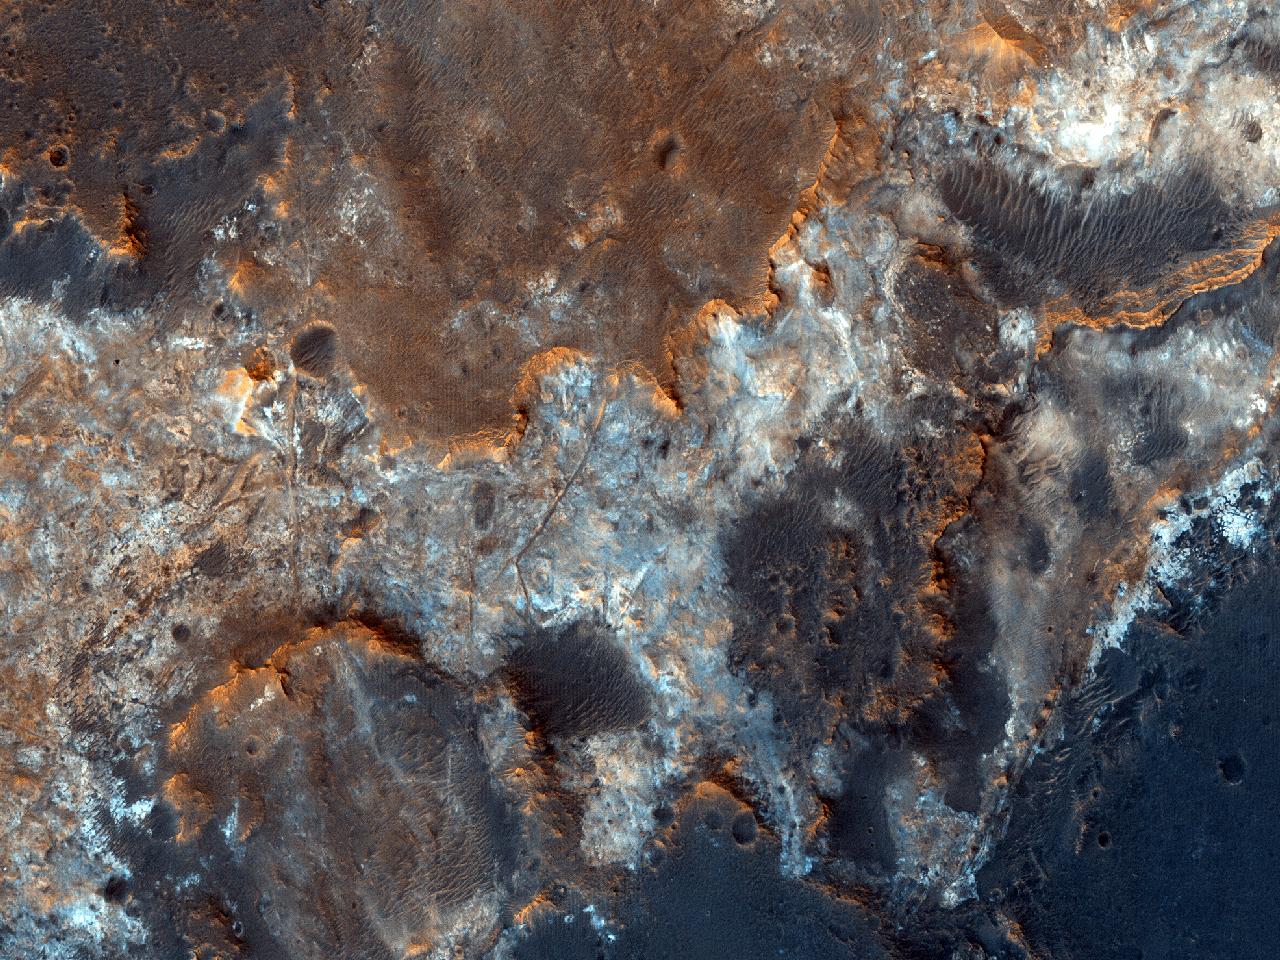 În regiunea Mawrth Vallis